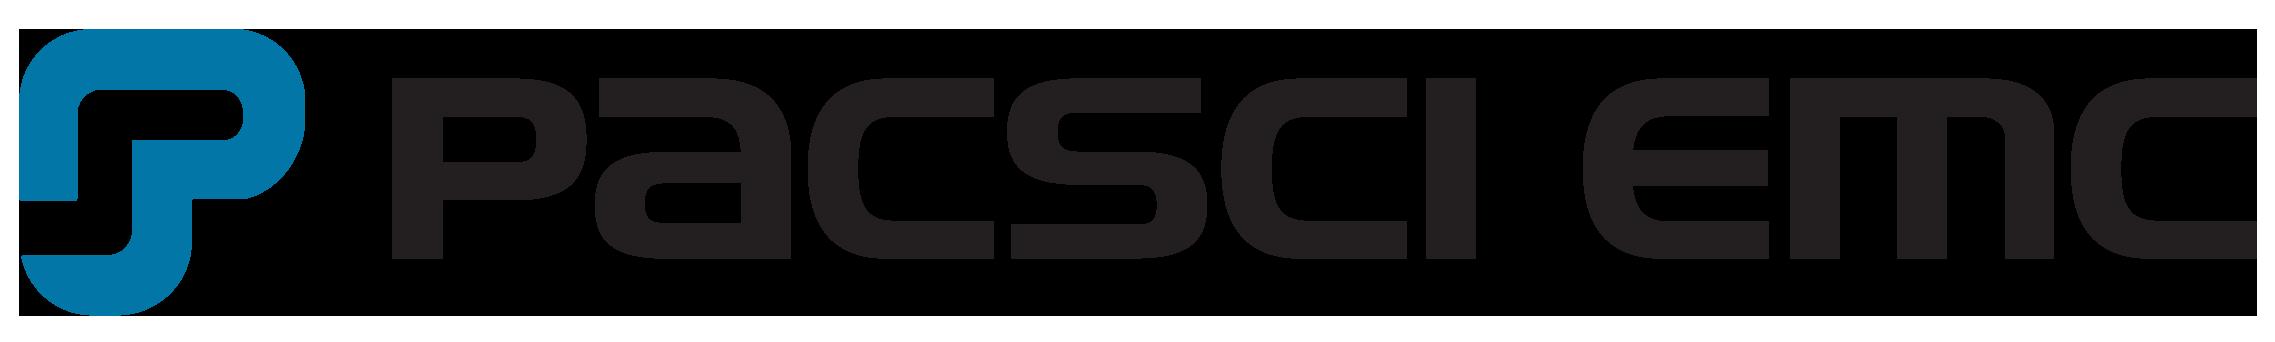 Brant Soler - SEO Consultant - PacSci EMC Logo